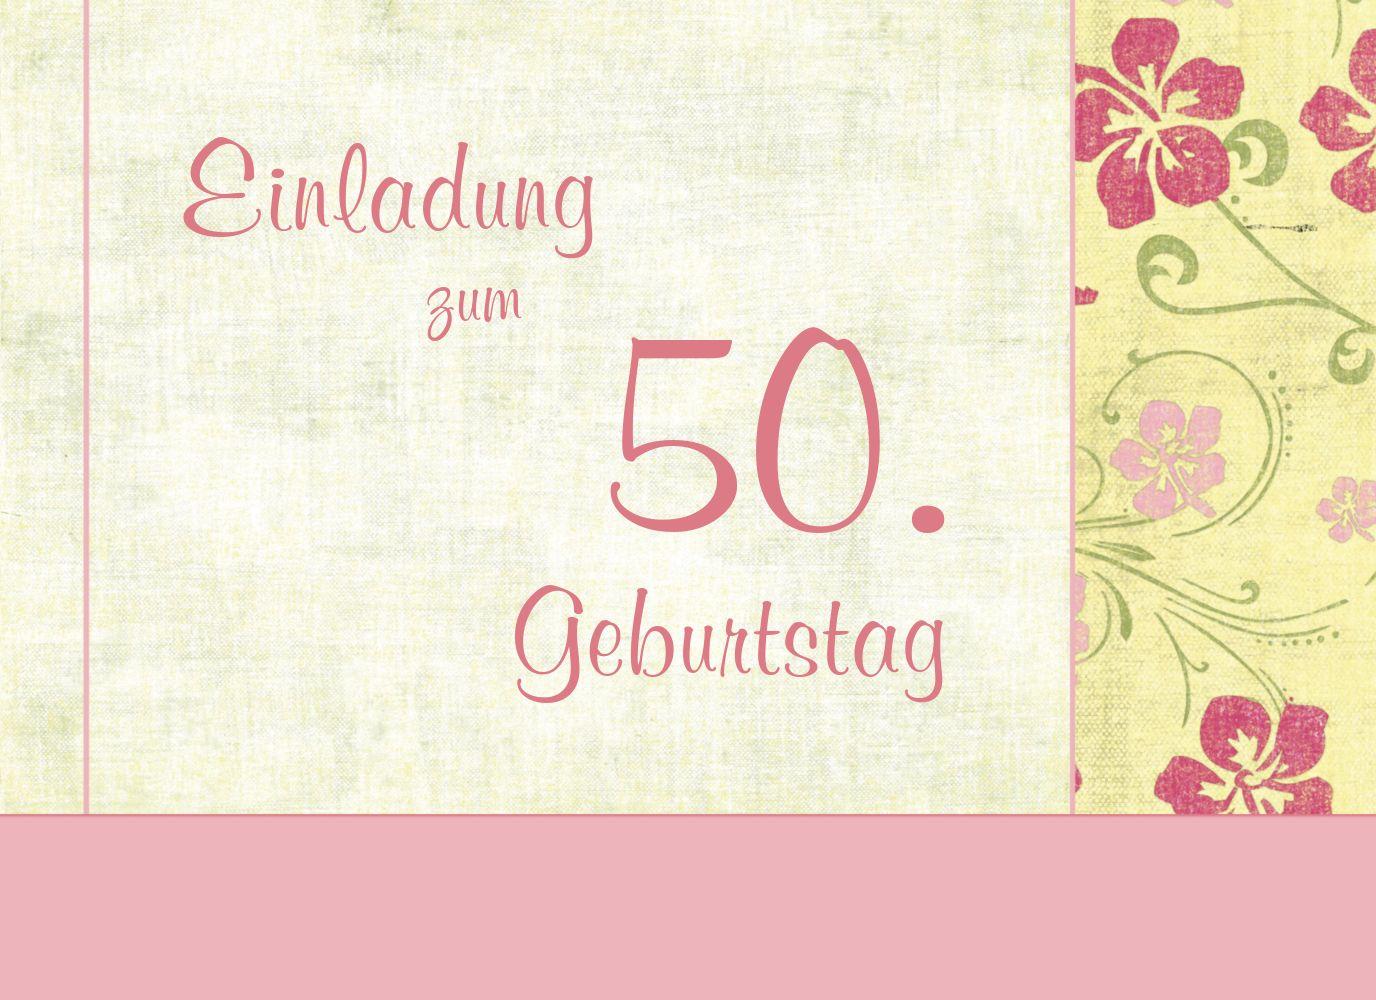 Ansicht 3 - Einladung zum Geburtstag Foto Hibiskus 50